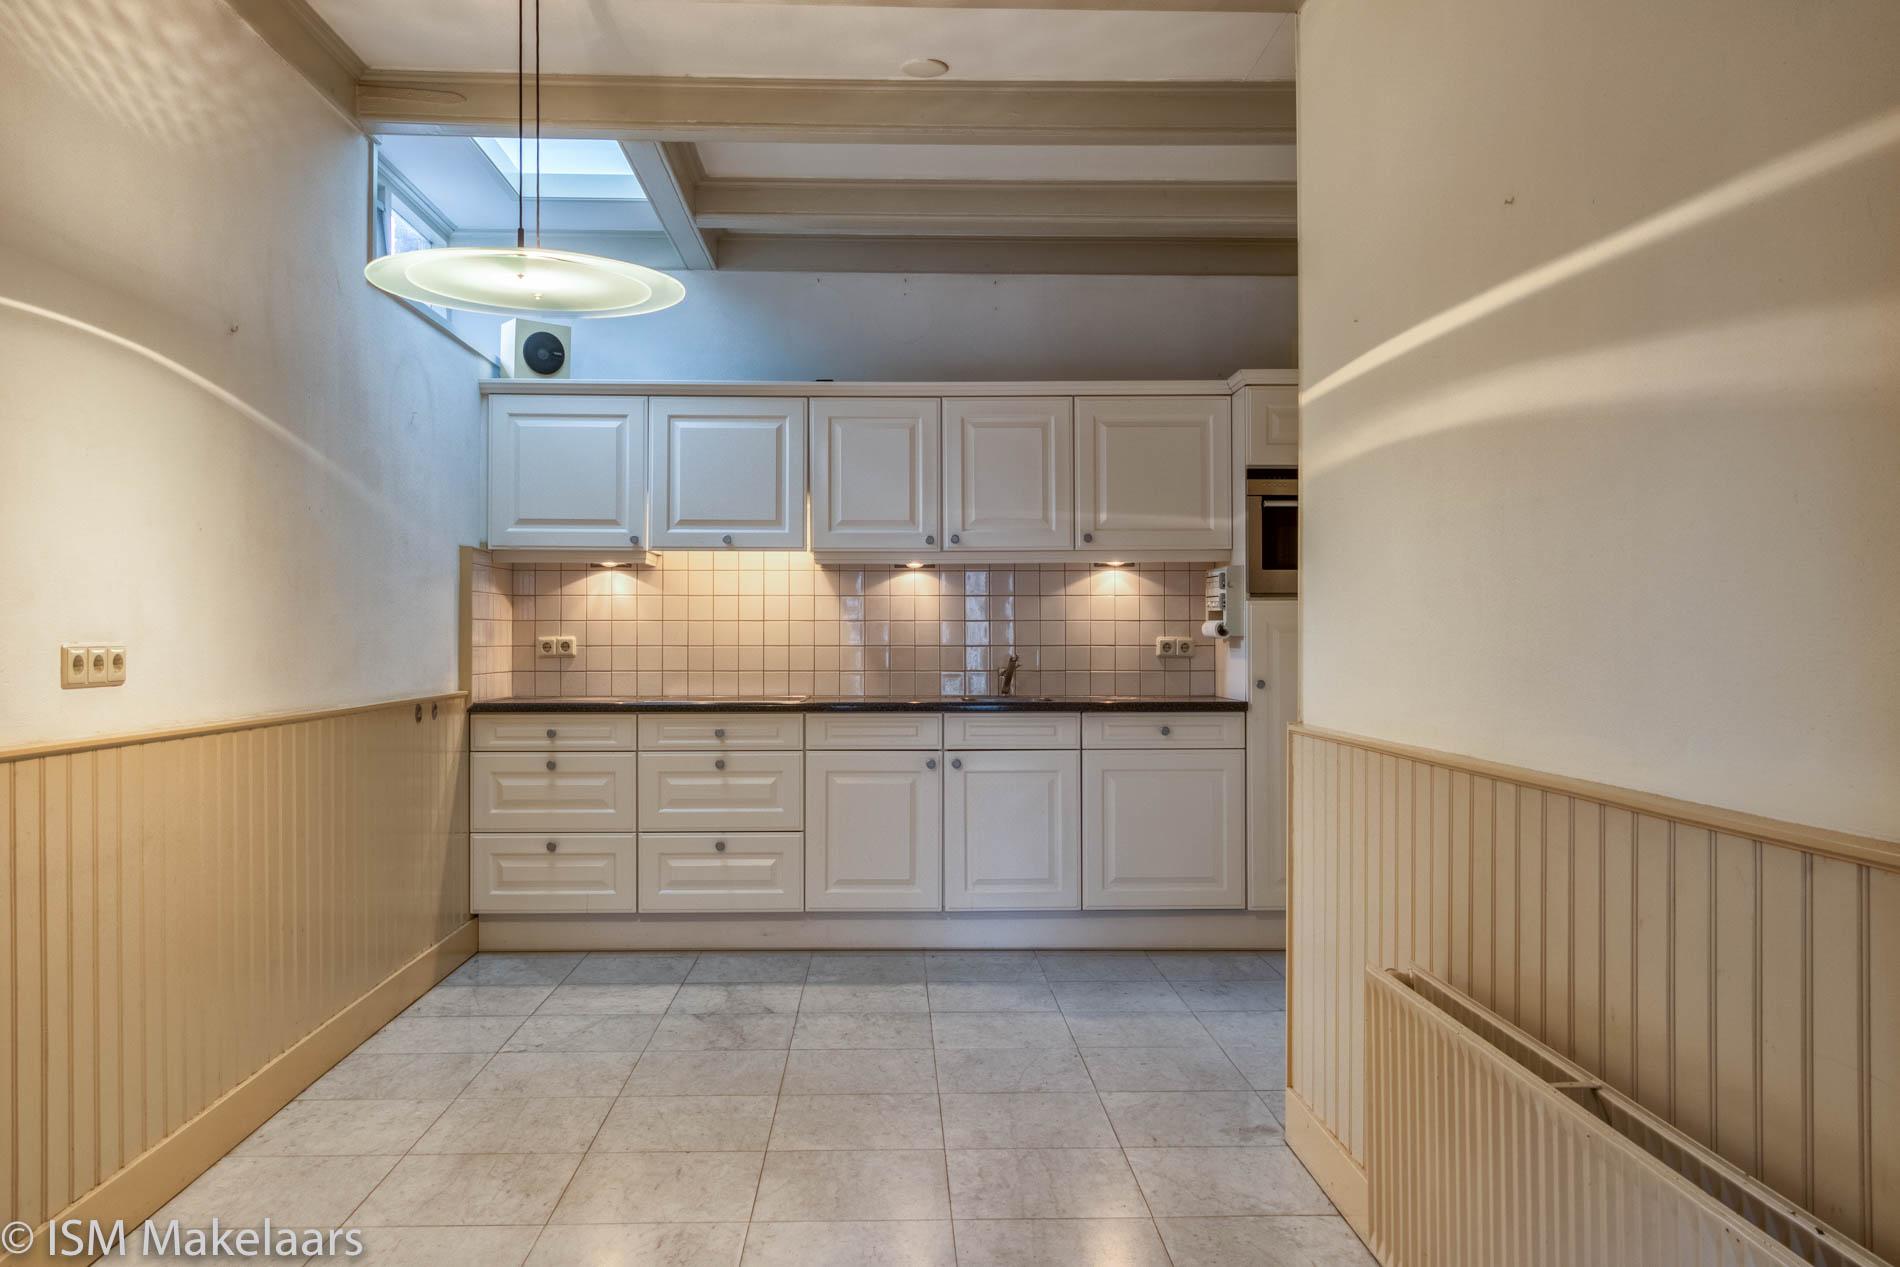 Keuken Dorpsstraat 60 Wemeldinge ISM Makelaars